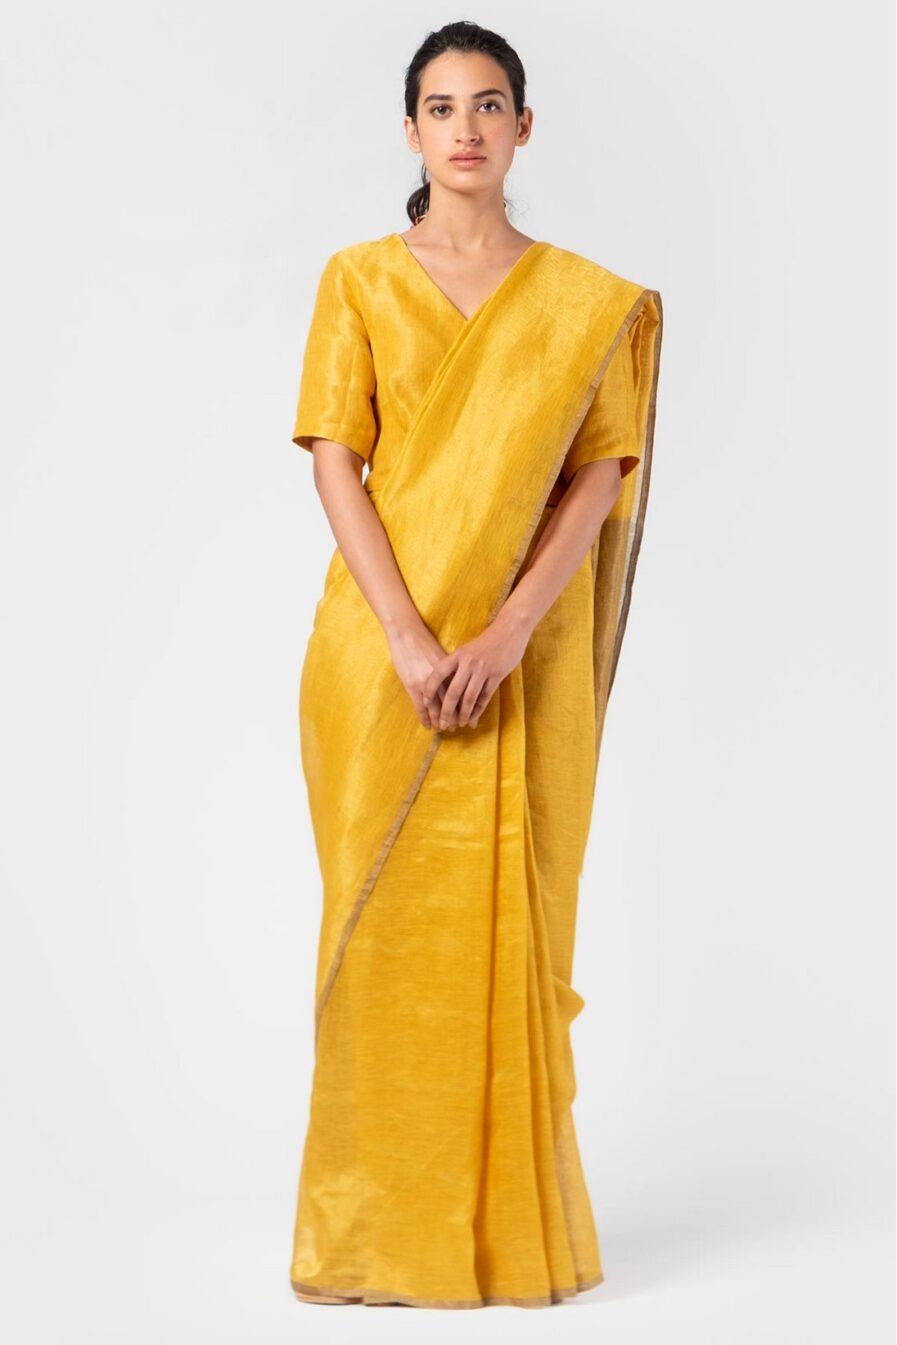 Anavila Tuscany metallic sari